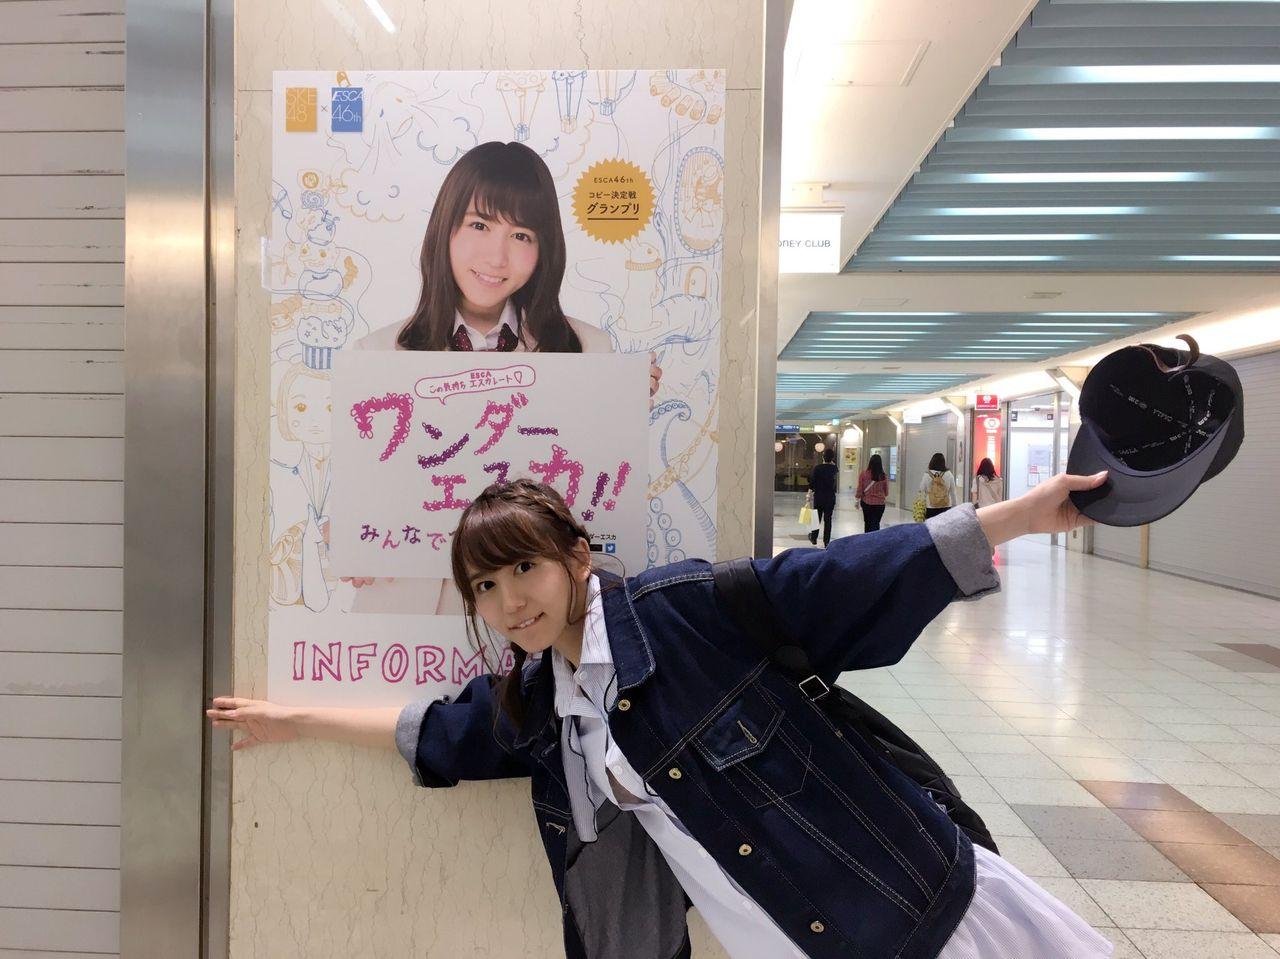 【朗報】SKE48大場美奈 ブラジャー キタ━━━━(゚∀゚)━━━━!!